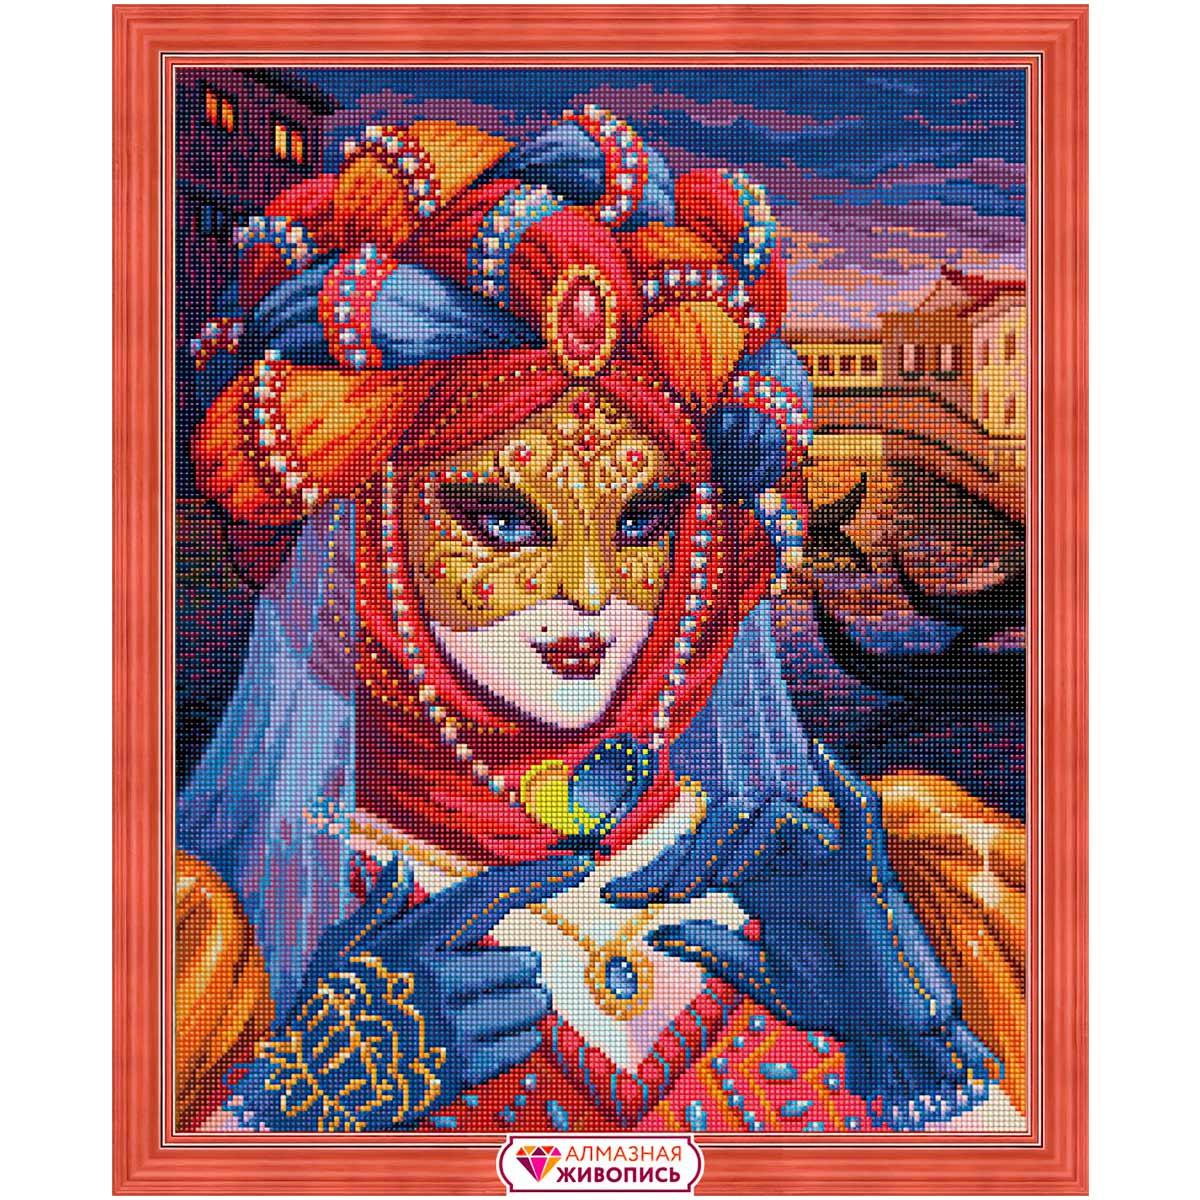 АЖ-1586 Картина стразами 'Венецианская дама' 40х50 см